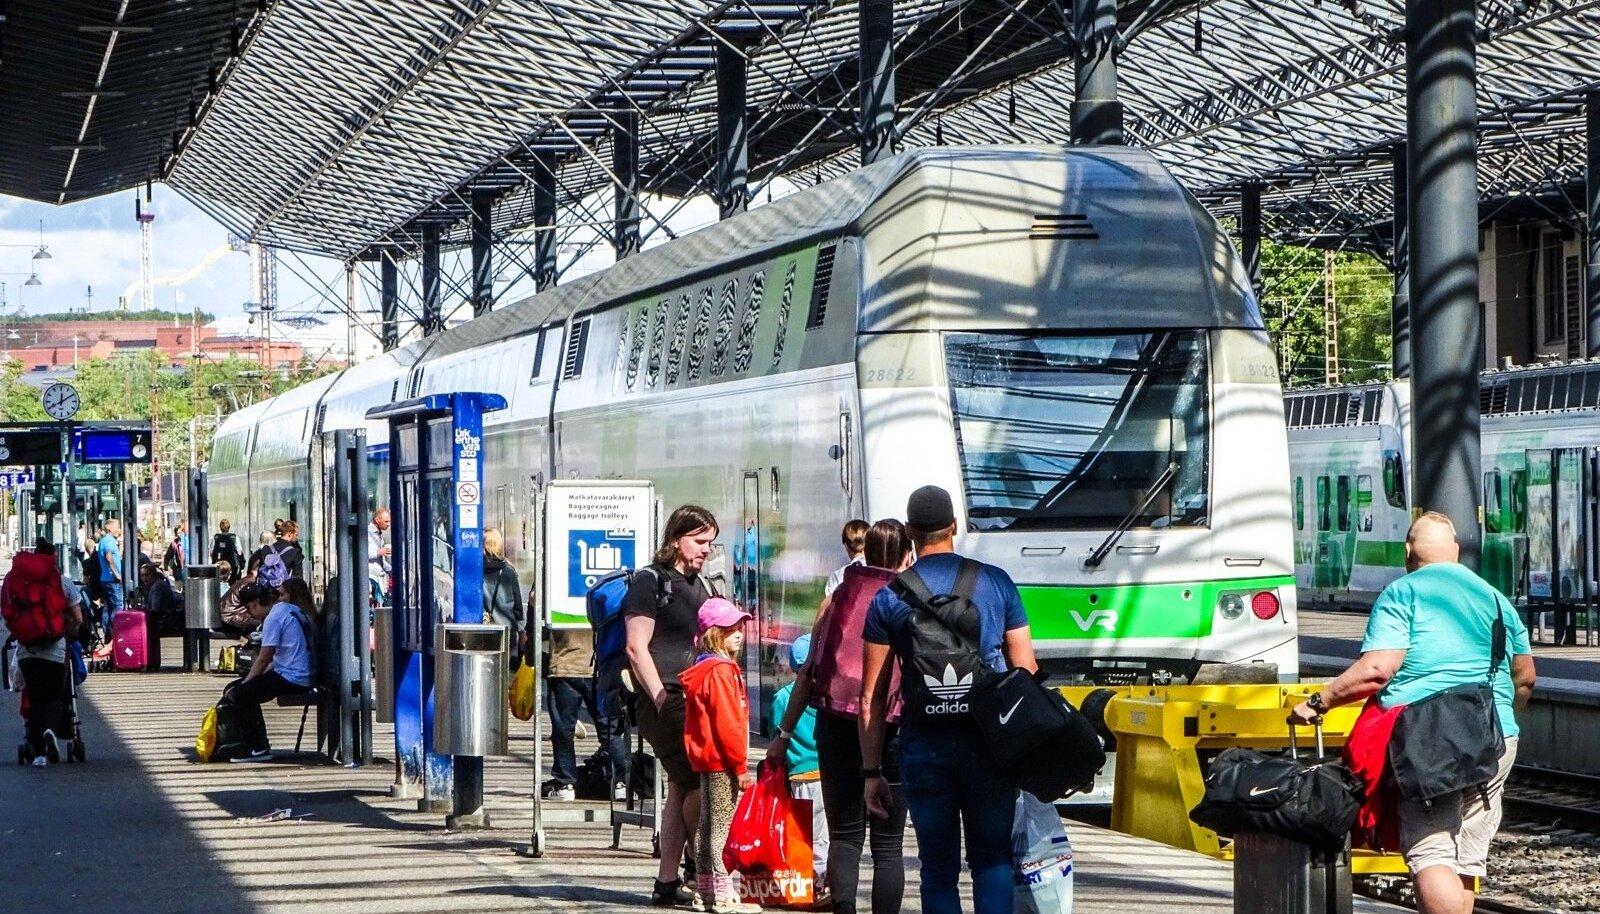 Soome laienemine võimaldab Estravelil eestlastele soodsamaid pakkumisi teha. Pildil reisijad Helsingi raudteejaamas